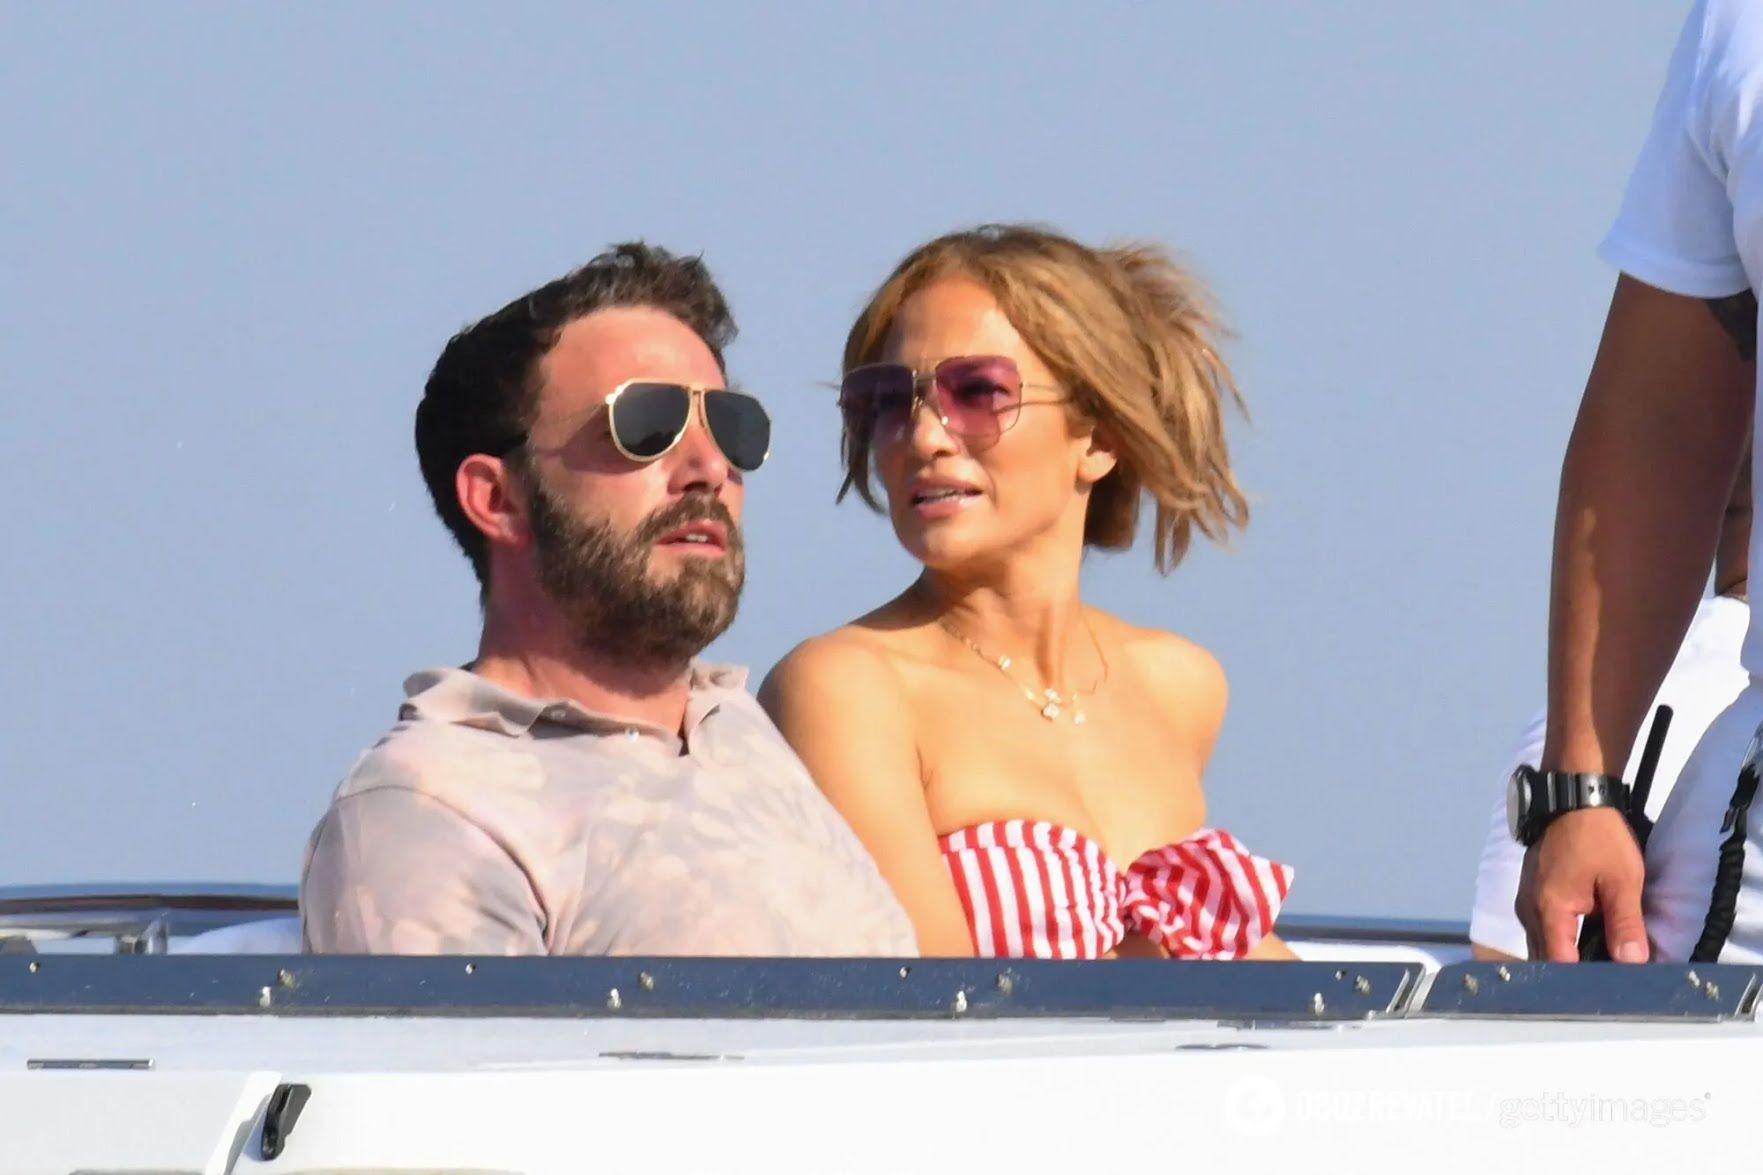 Аффлек і Лопес на яхті.